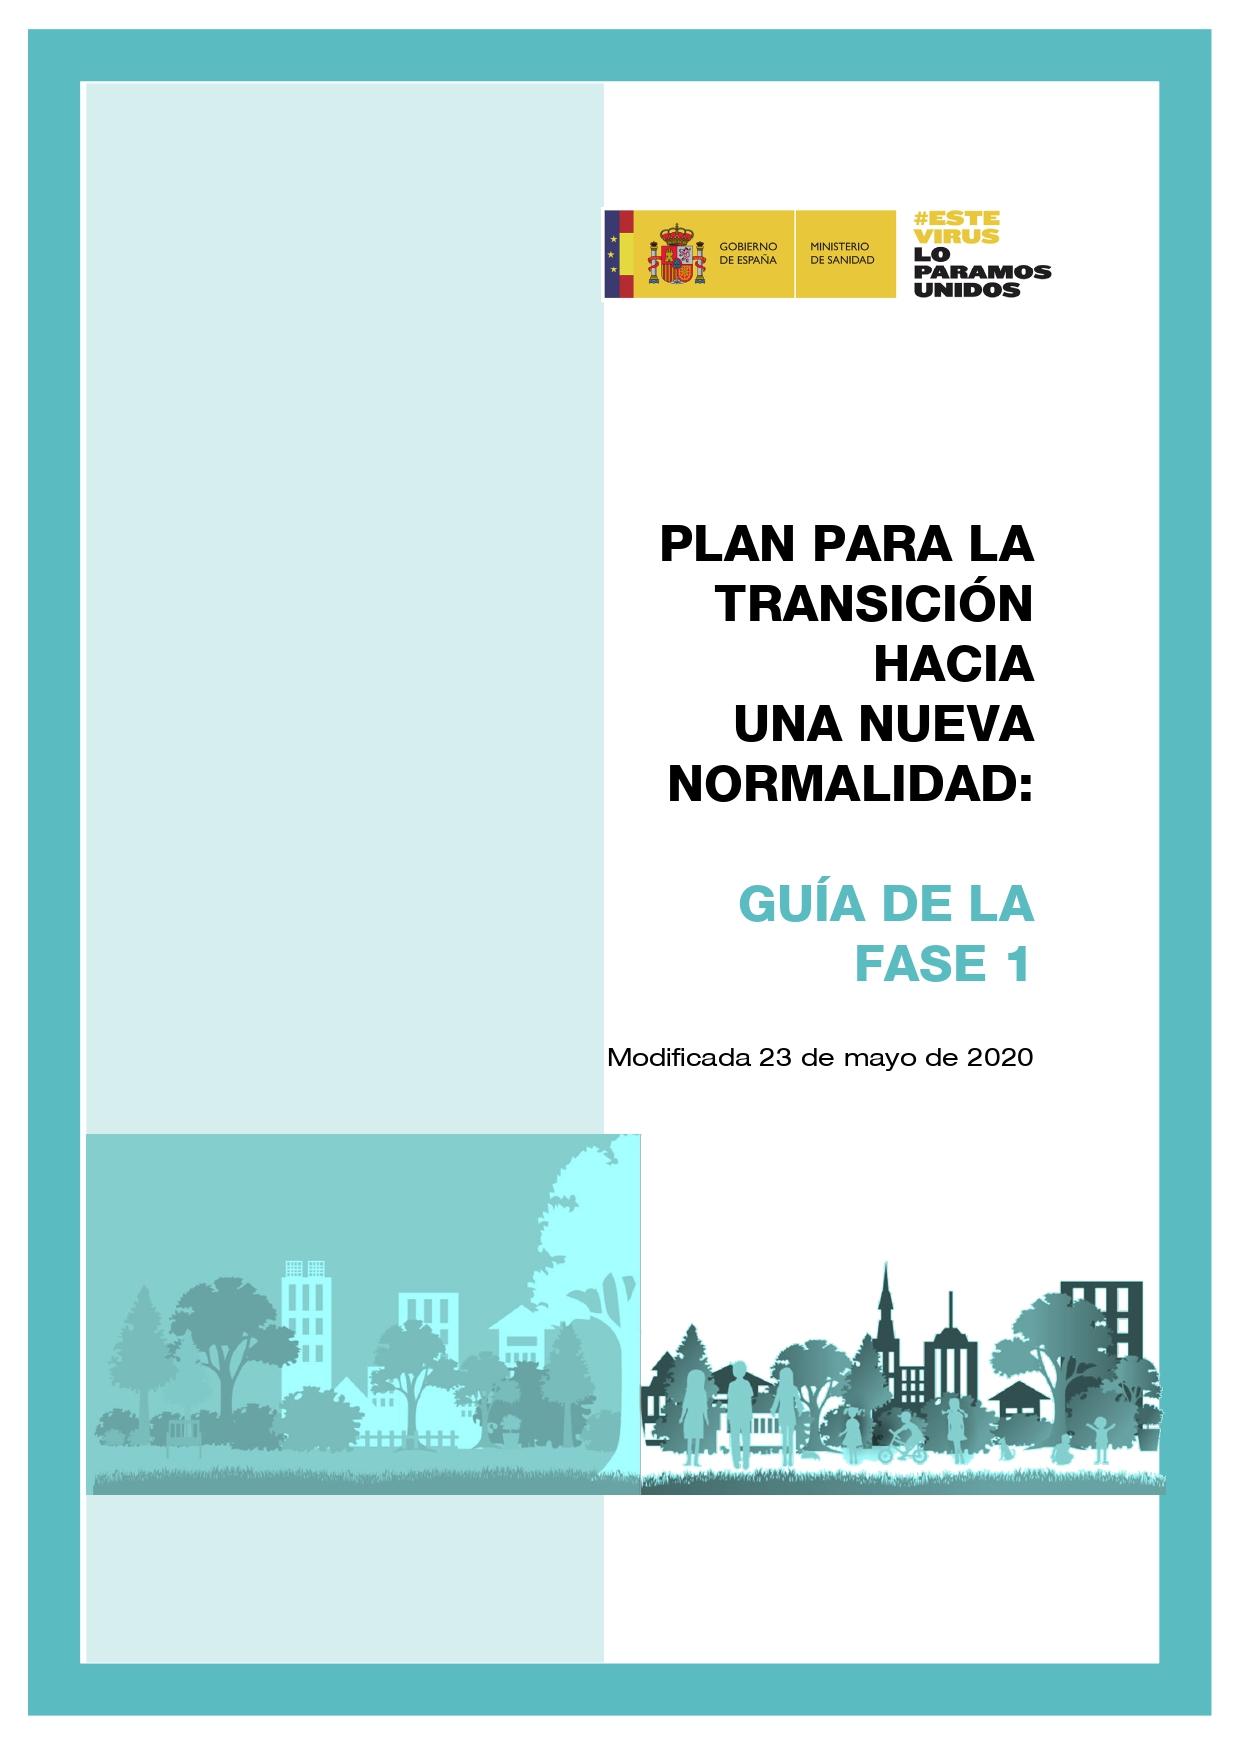 El Ministerio de Sanidad ha publicado una Guía con las medidas de la Fase 1